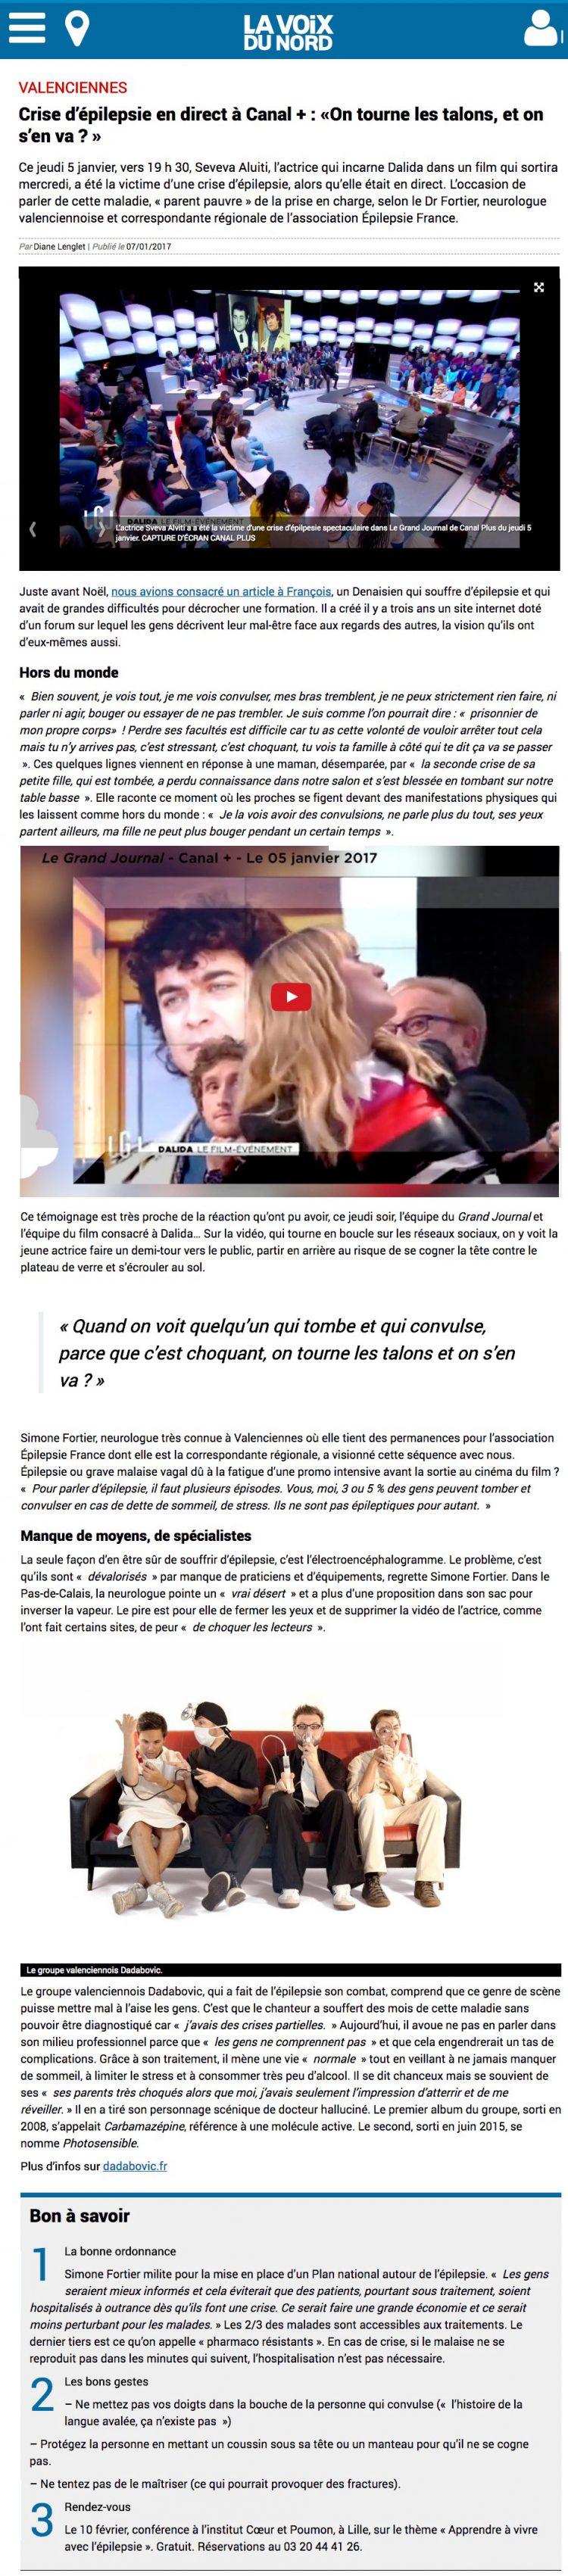 07/07/2017 Crise d'épilepsie en direct à Canal +